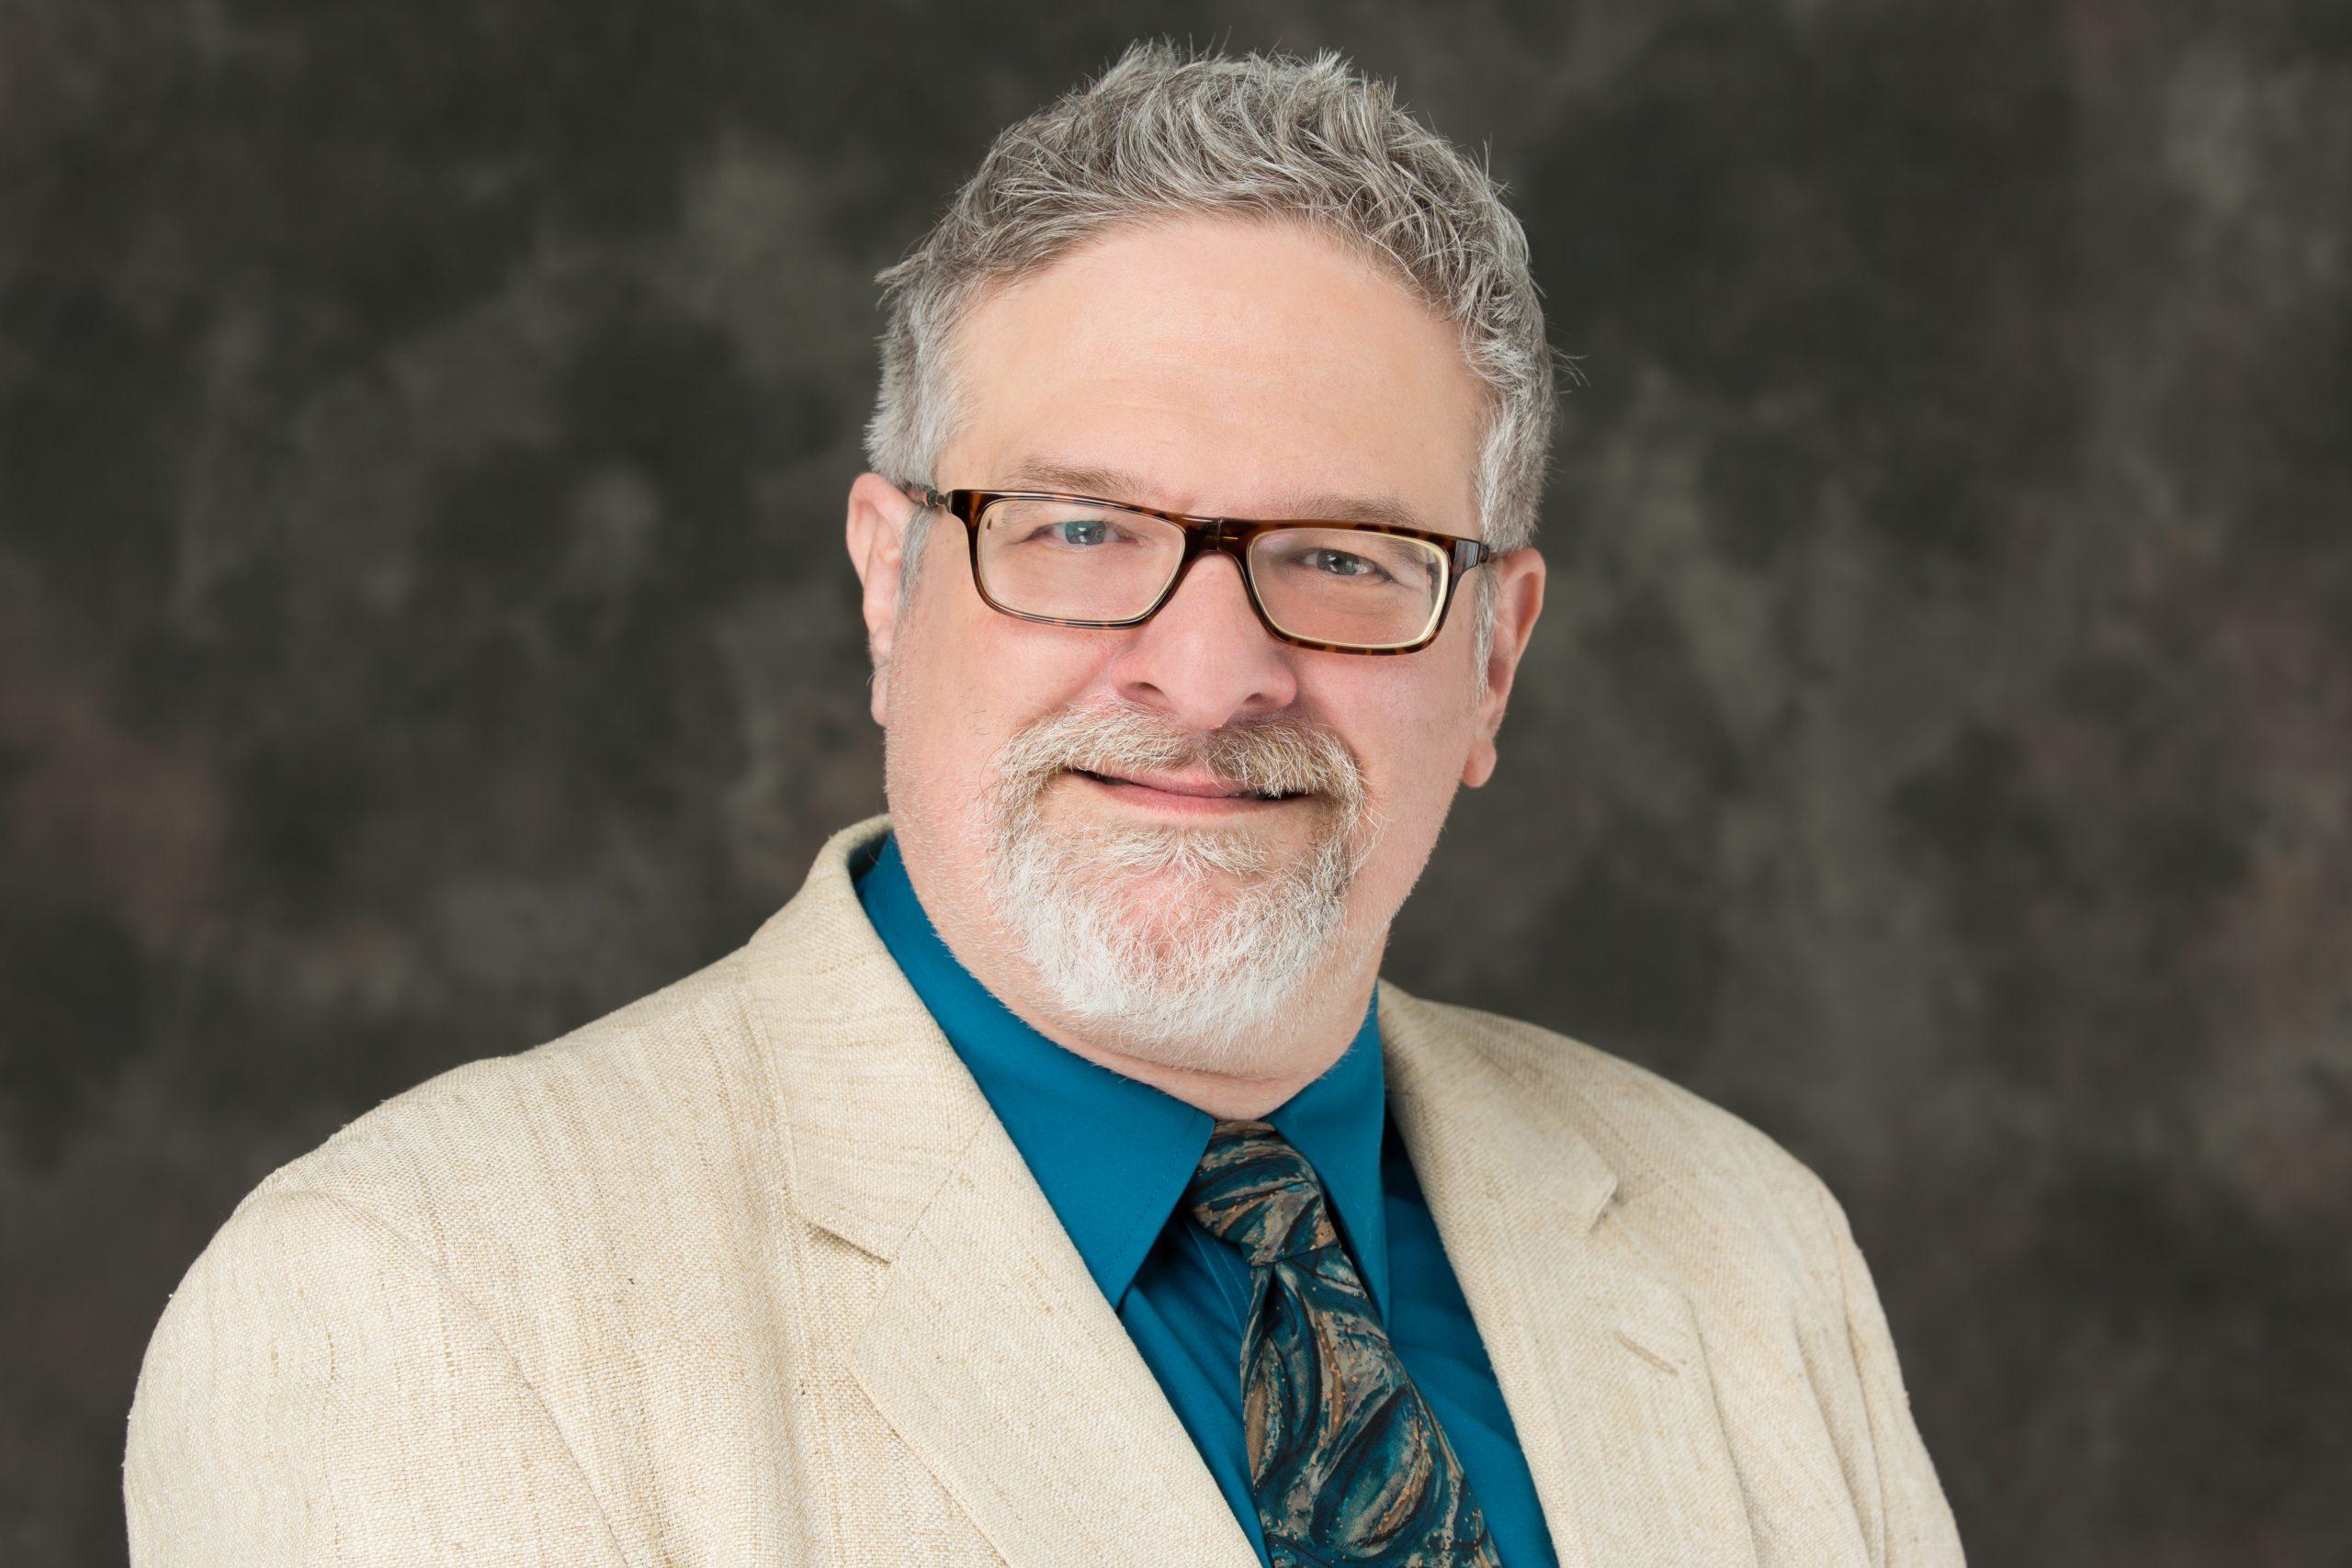 Head shot of Dr. Robert Worthington-Kirsch, MD